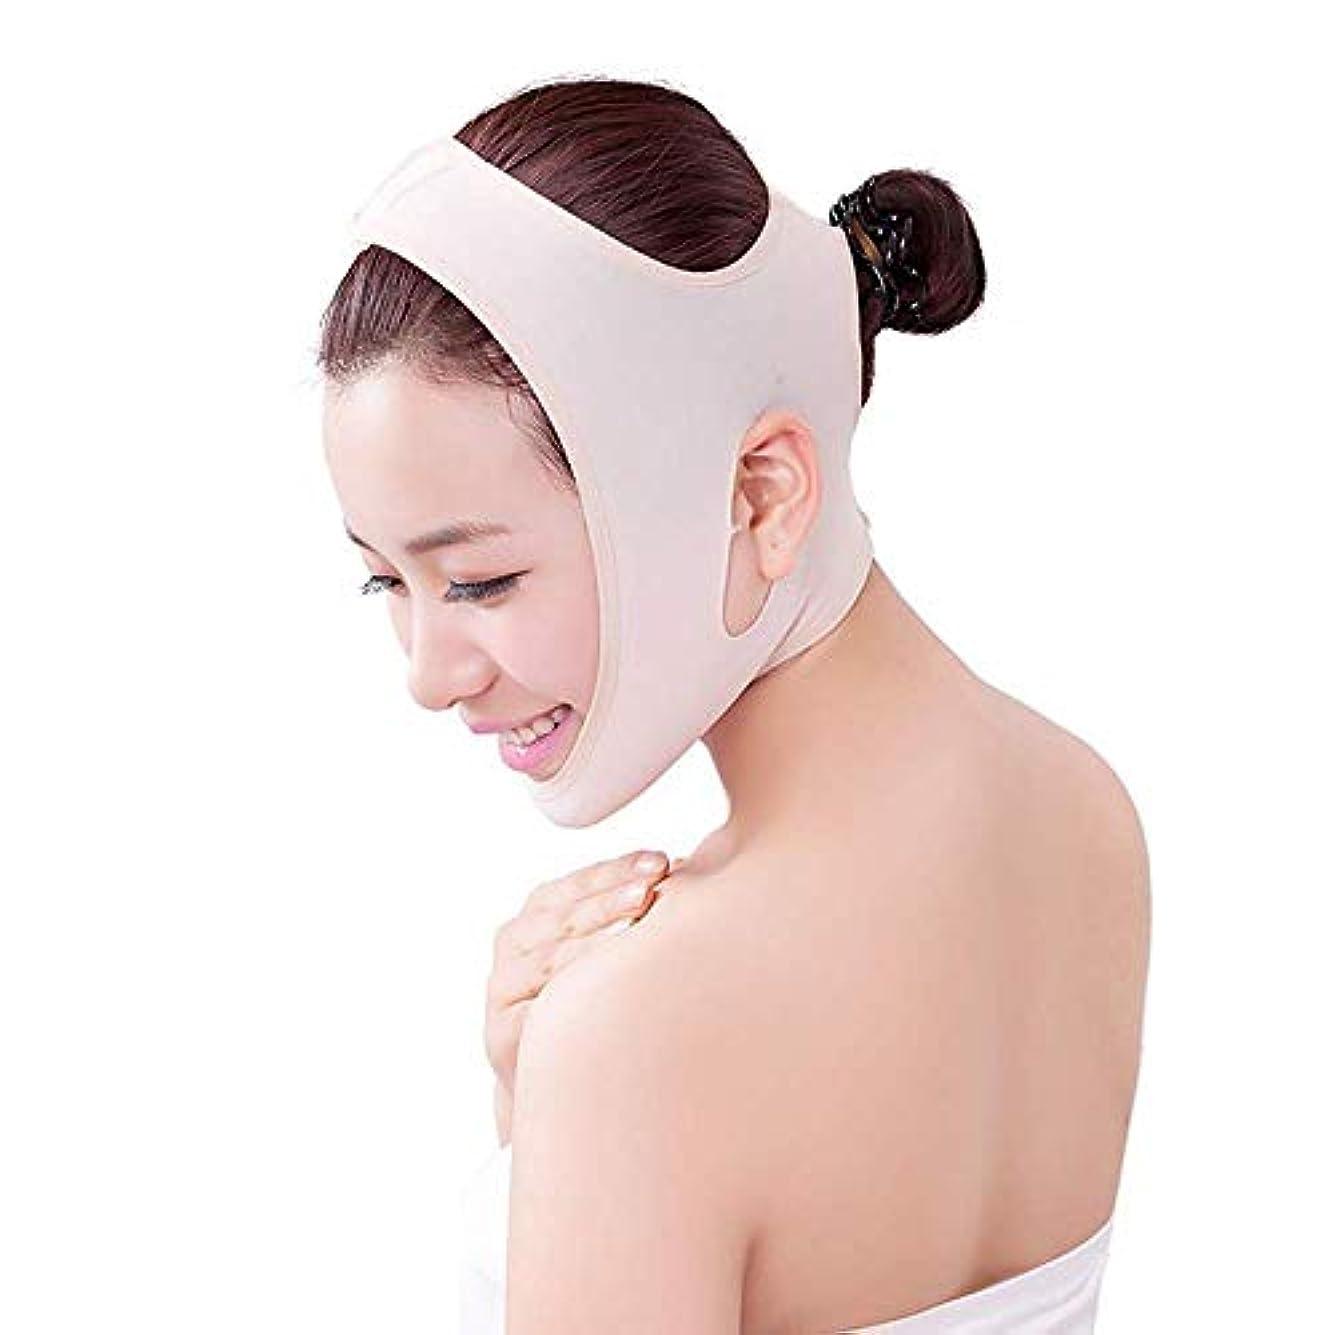 傑出したうまマティス薄型フェイスベルト - 男性用および女性用の包帯をフランスの顔用リフティングマスク器具に引き締める薄型フェイスVフェイス薄型ダブルチンフェイスリフティングベルト(サイズ:M),L